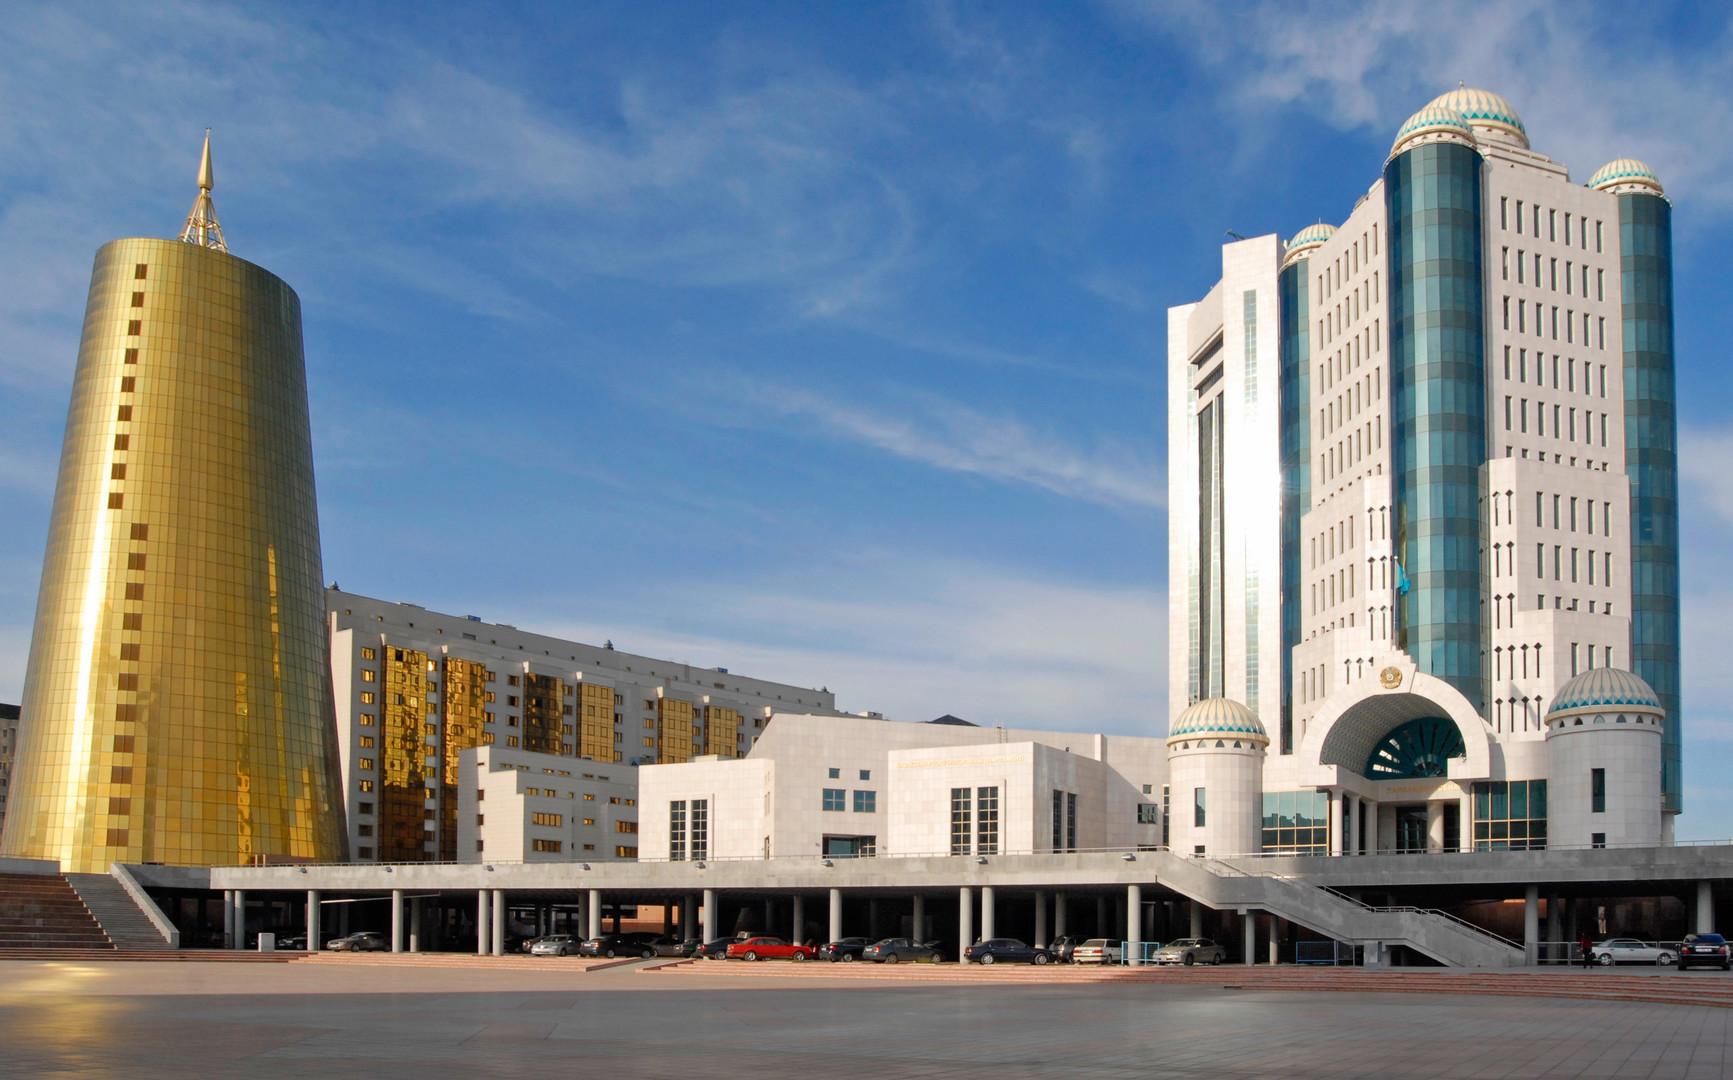 مبنى برلمان كازاخستان في نورسلطان، أرشيف